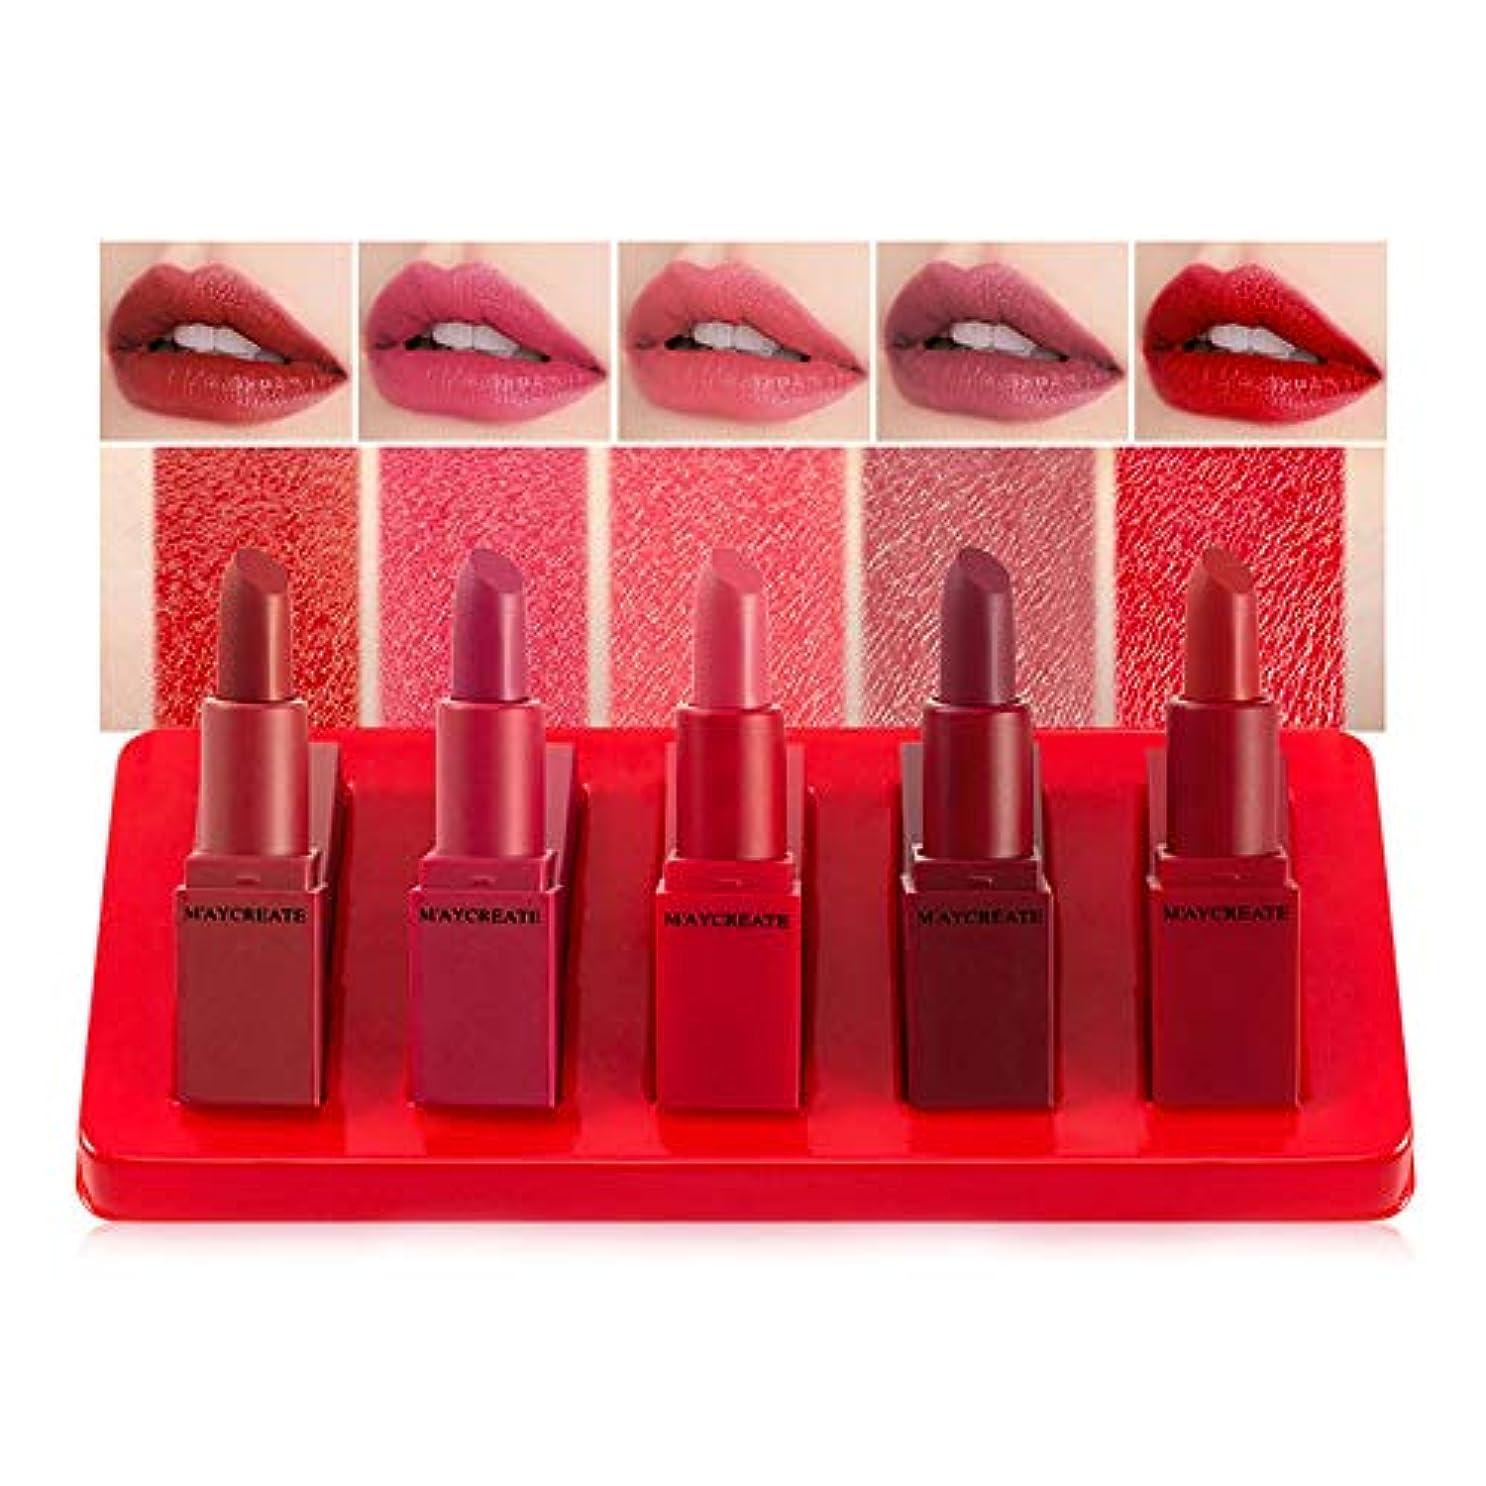 のみトレッドロケーション5本/セット口紅化粧品女性化粧セット保湿バームファッション防水セクシーな口紅